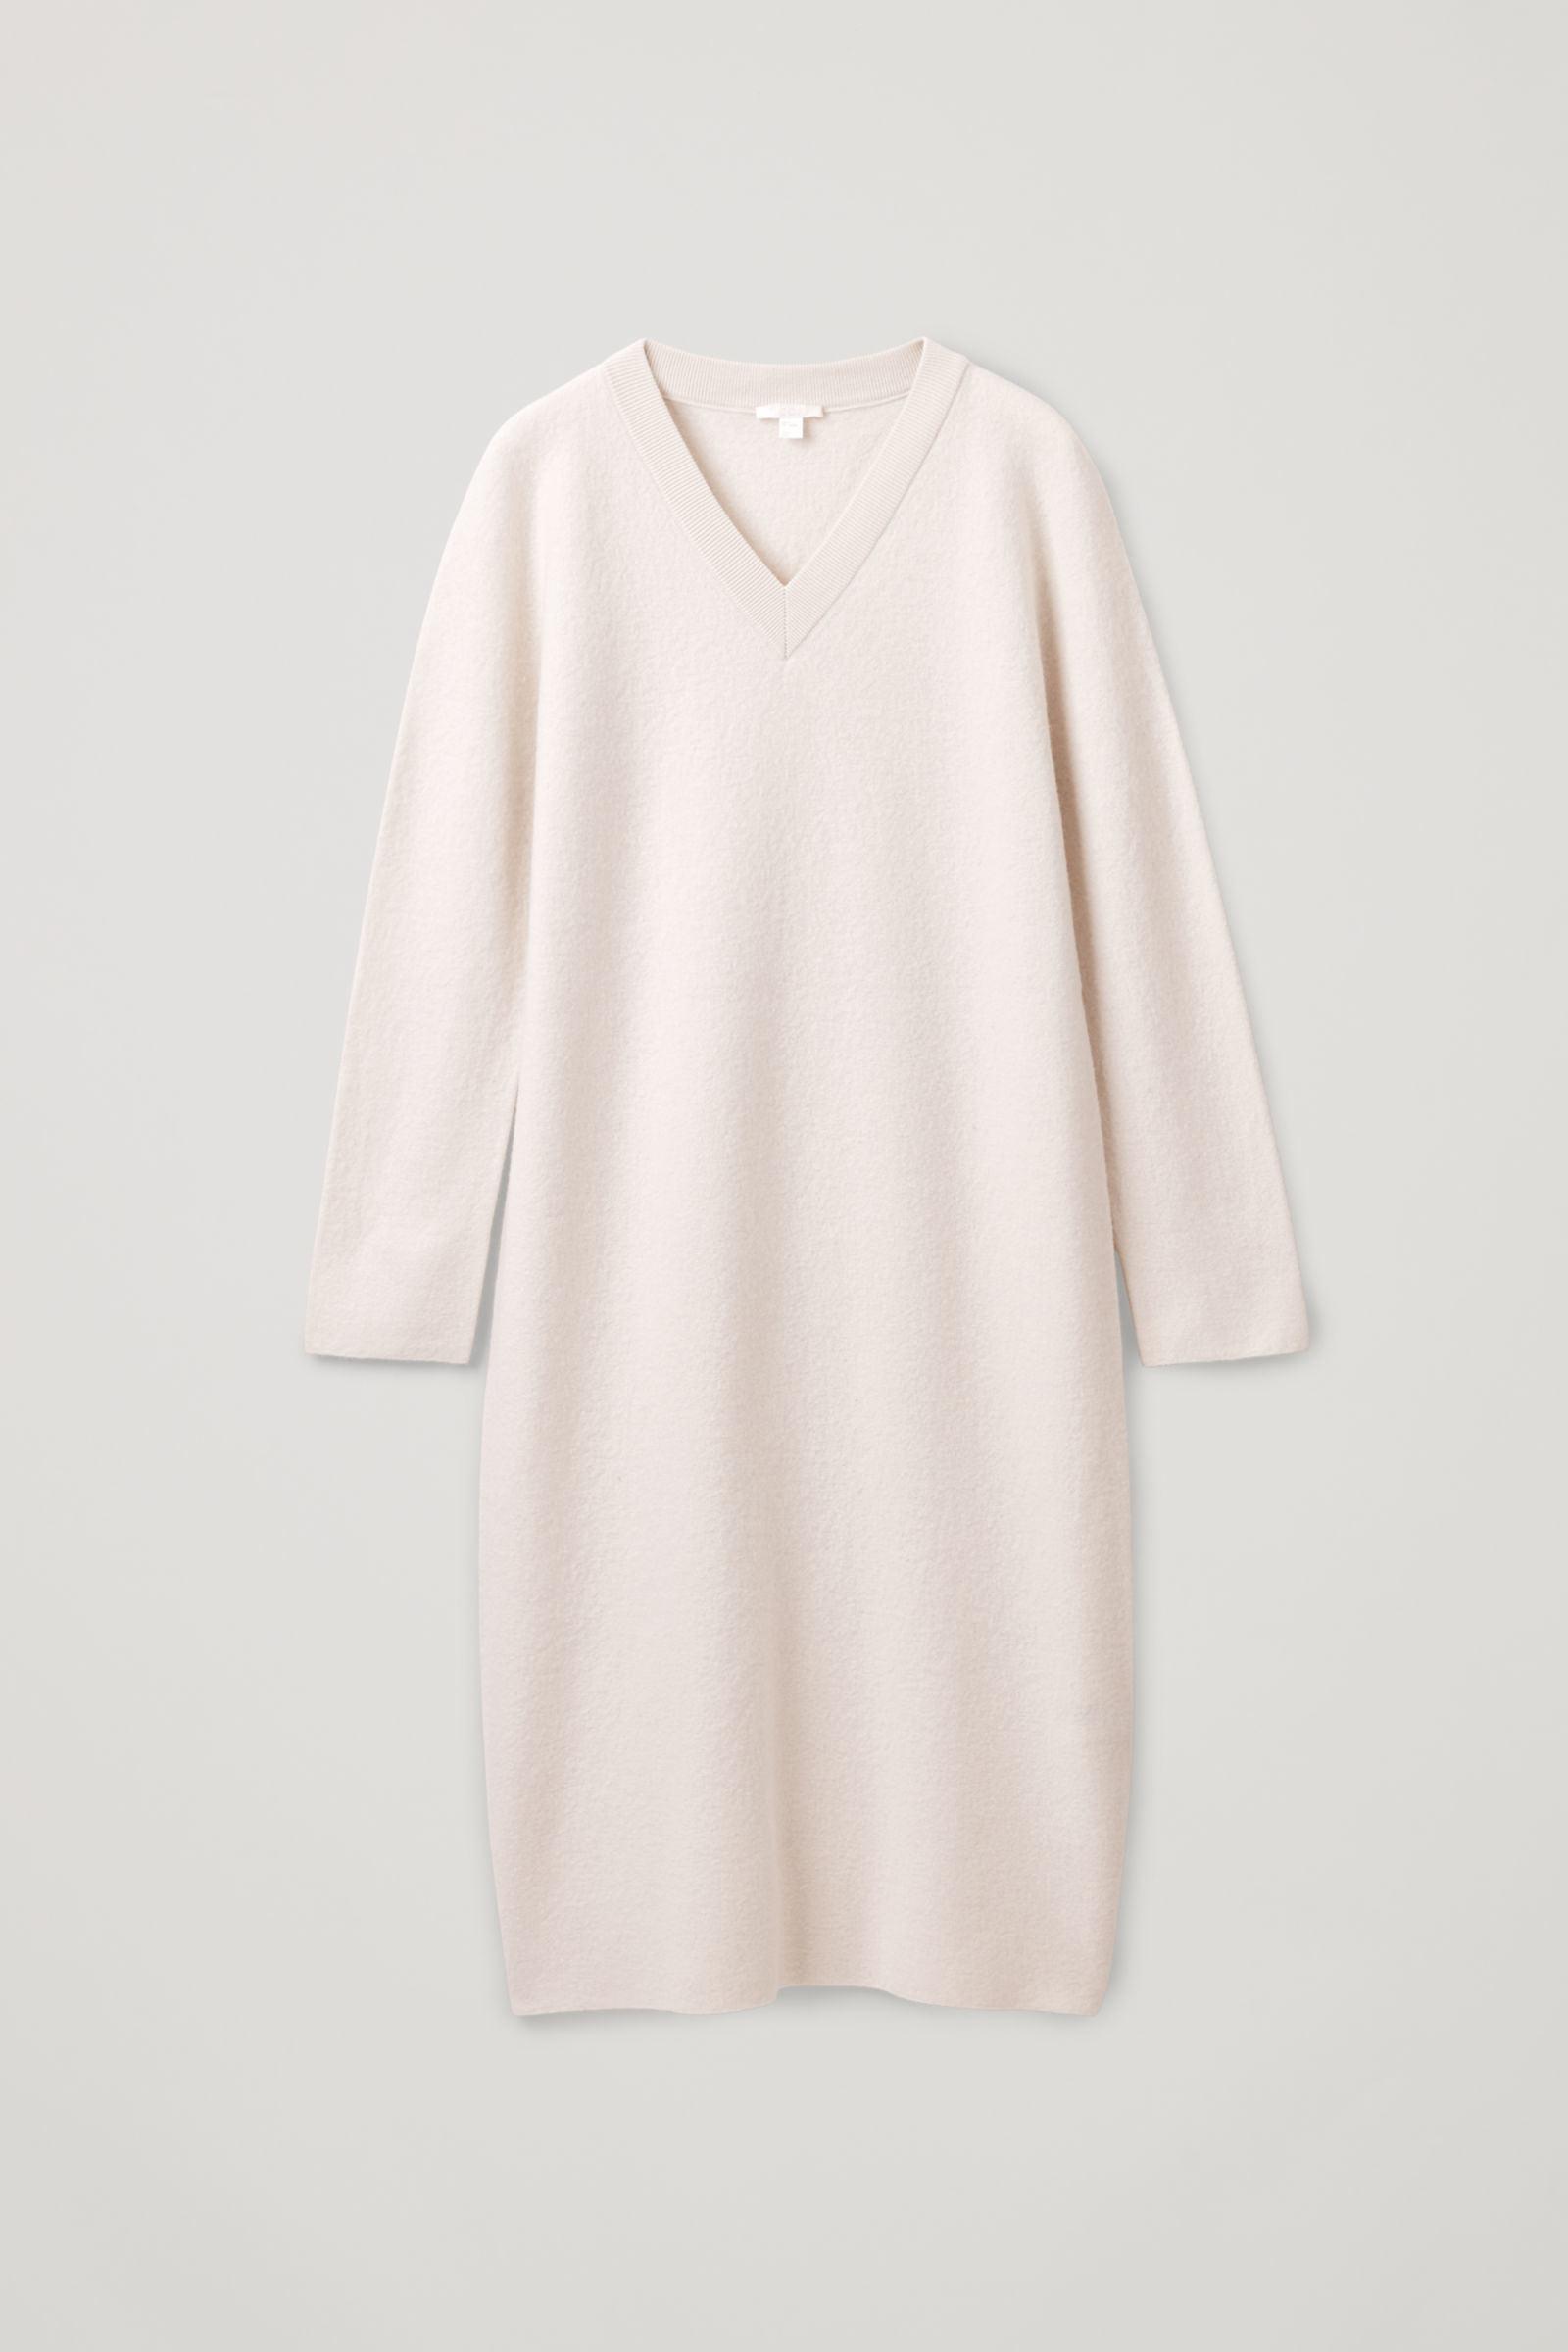 COS 보일드 울 심리스 드레스의 베이지 멜란지컬러 Product입니다.